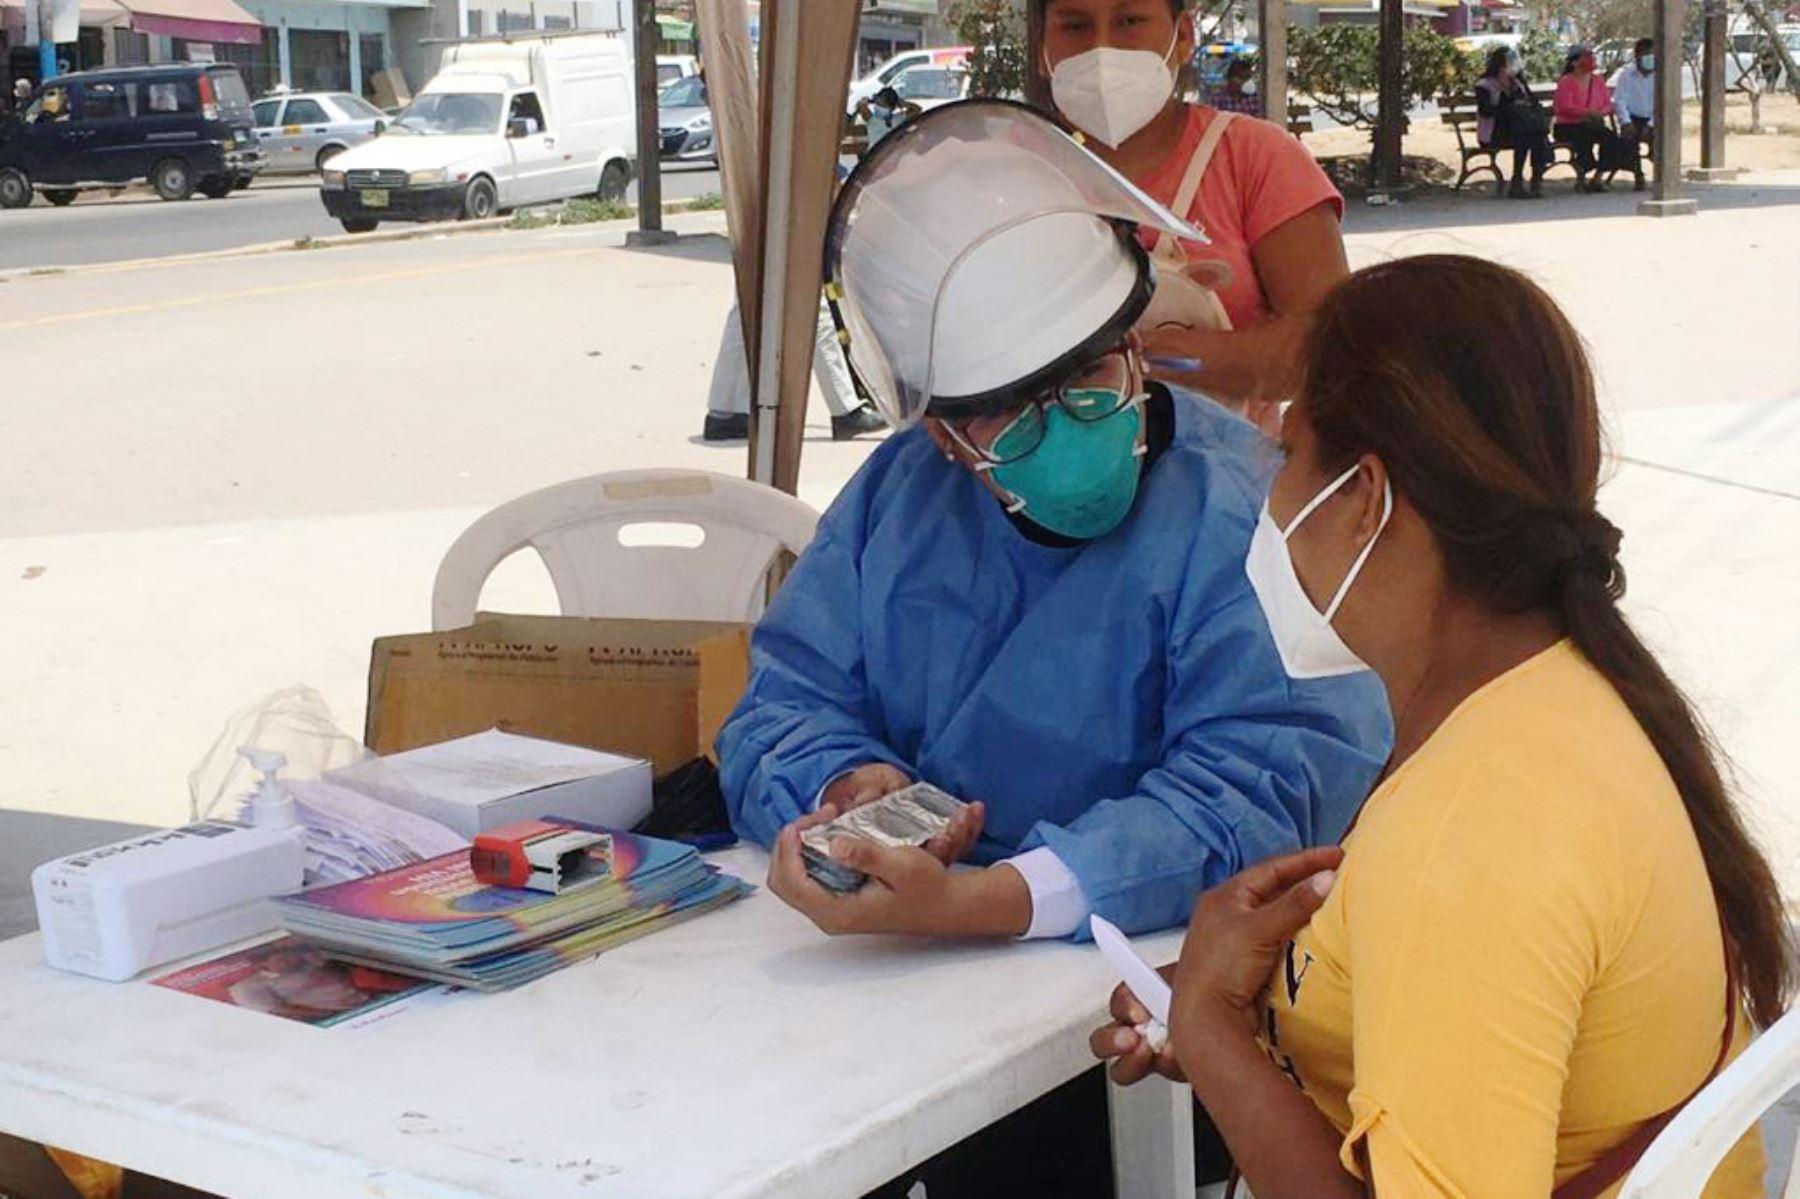 Más de 100 personas fueron tamizadas para descartar que sean portadores del virus del VIH. La intervención se llevó a cabo en la Explanada de la municipalidad de Villa El Salvador. Foto: @DIRISLimaSur